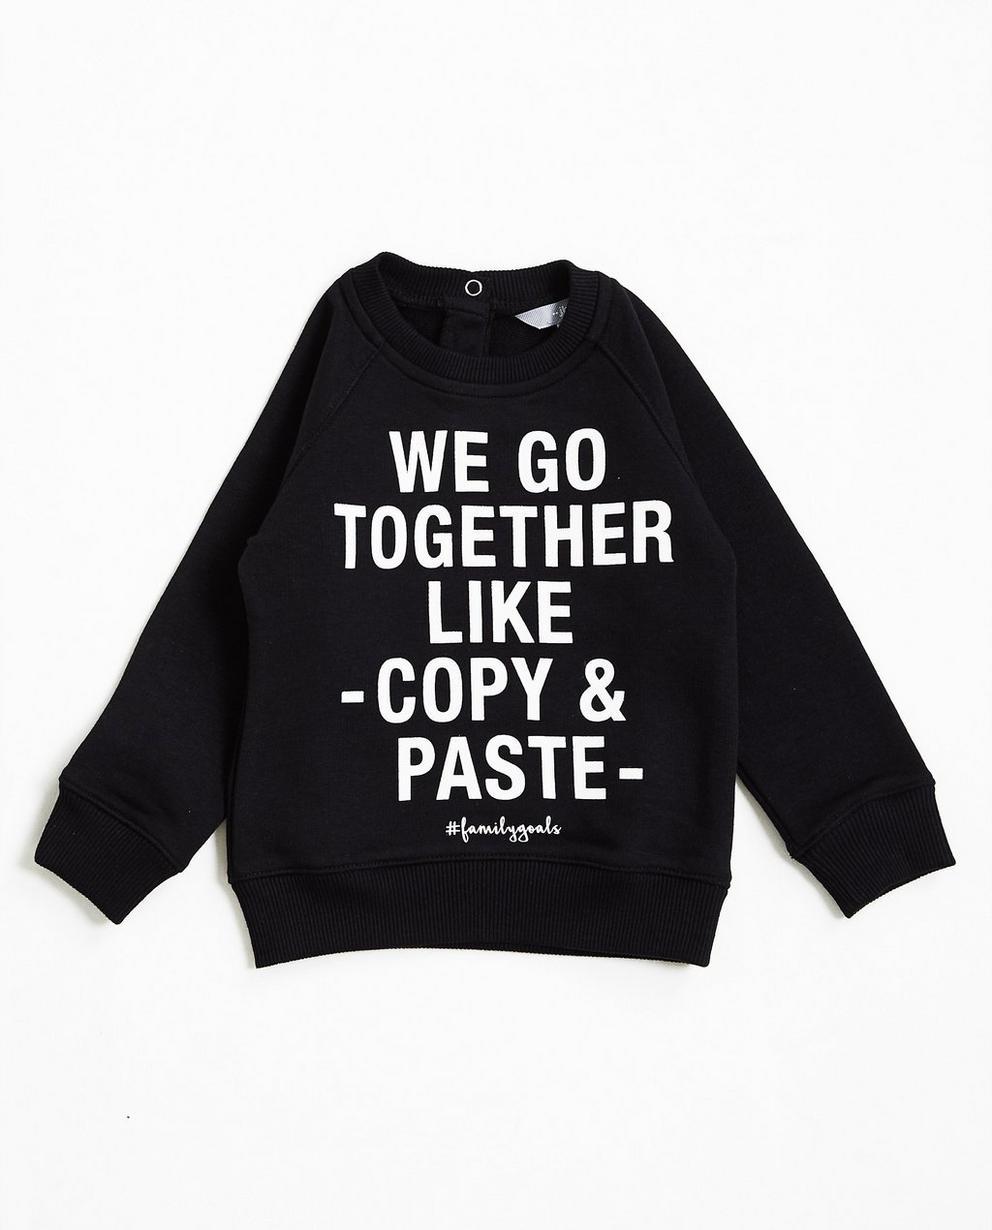 Sweater met opschrift - #familystoriesjbc - JBC